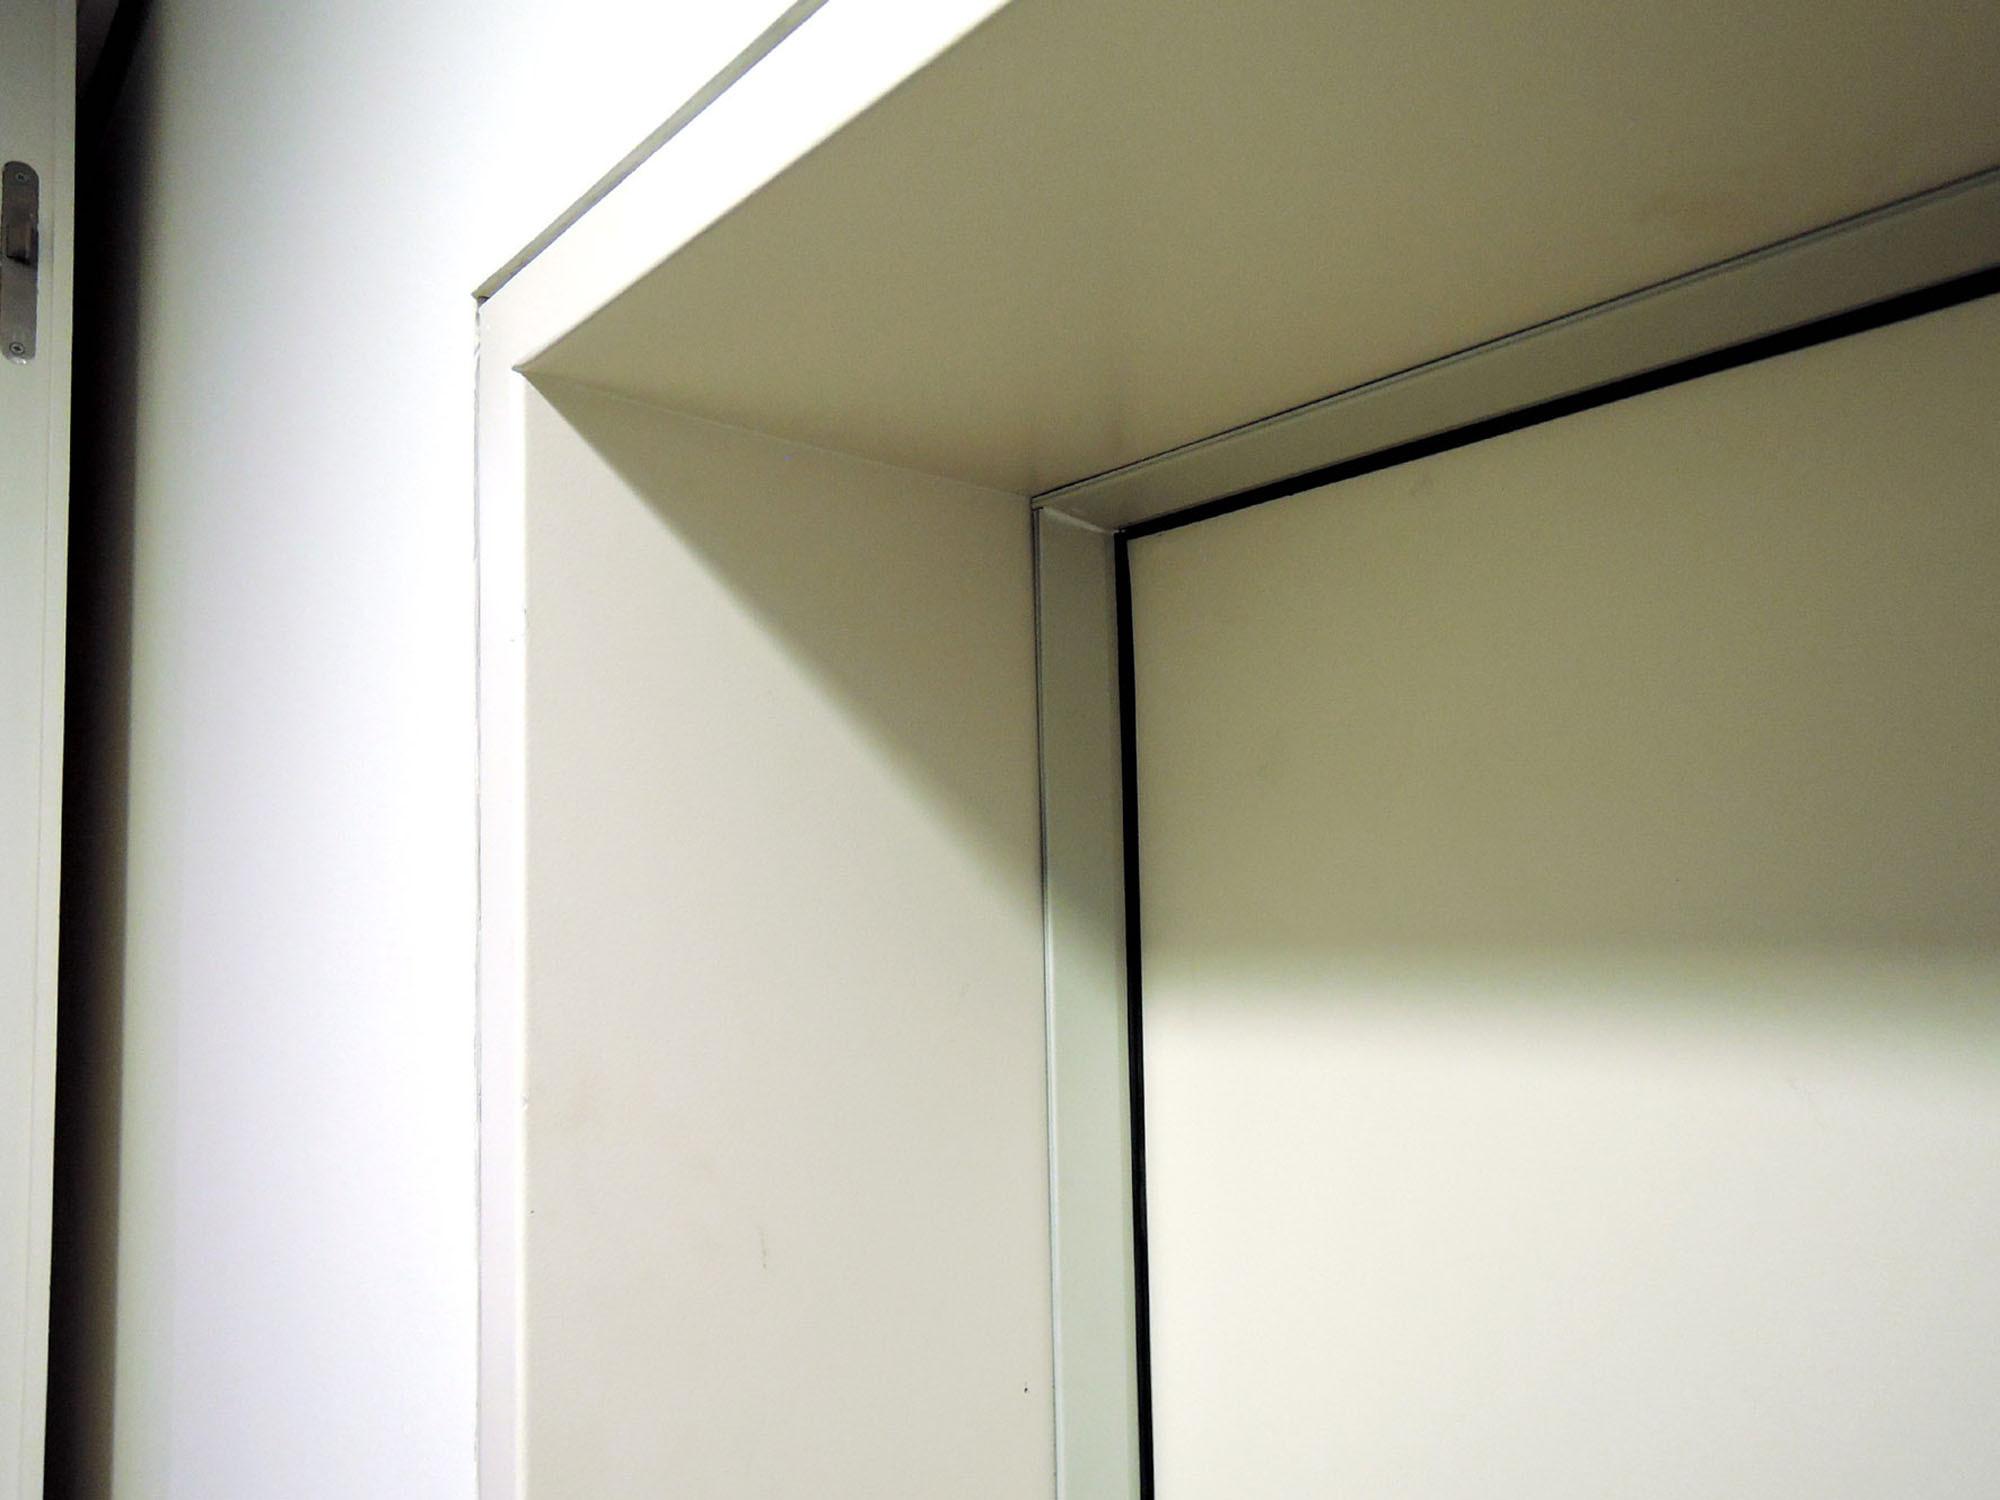 nachtr glicher rauchschutz f r einen wolkenkratzer brandschutz news produkte baunetz wissen. Black Bedroom Furniture Sets. Home Design Ideas